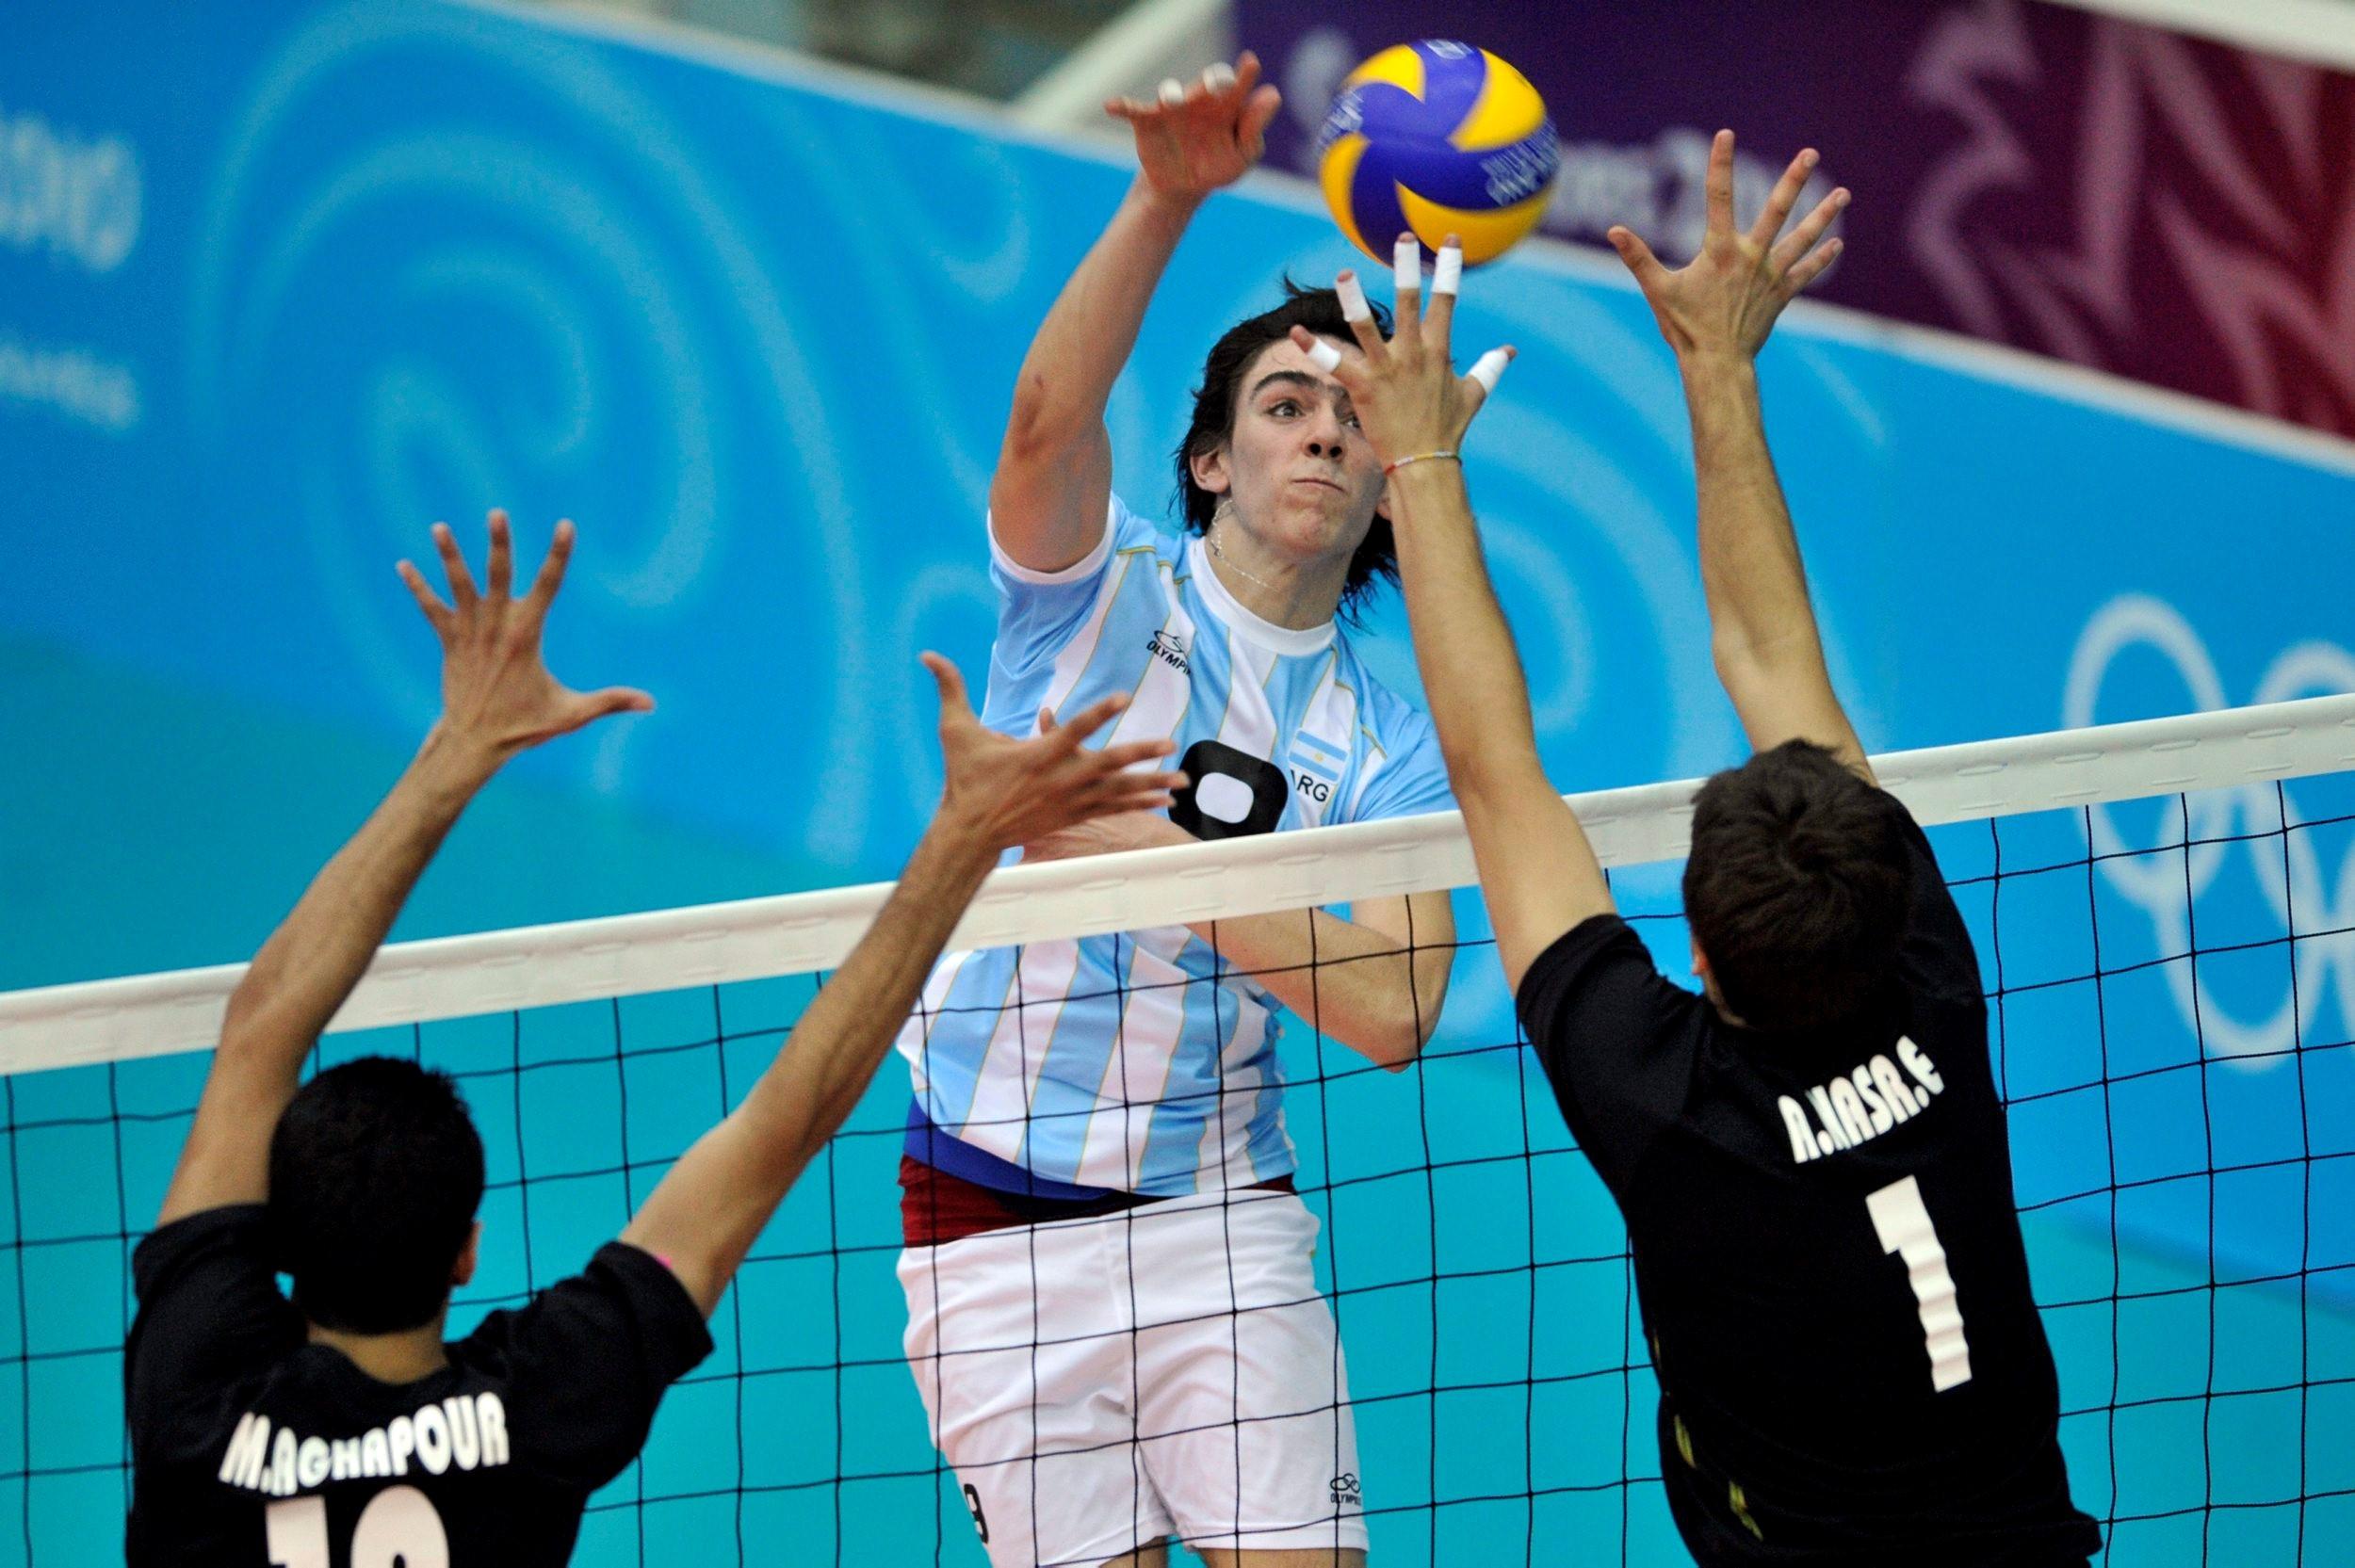 Fall Wallpaper Hd Free Volleyball Backgrounds Pixelstalk Net